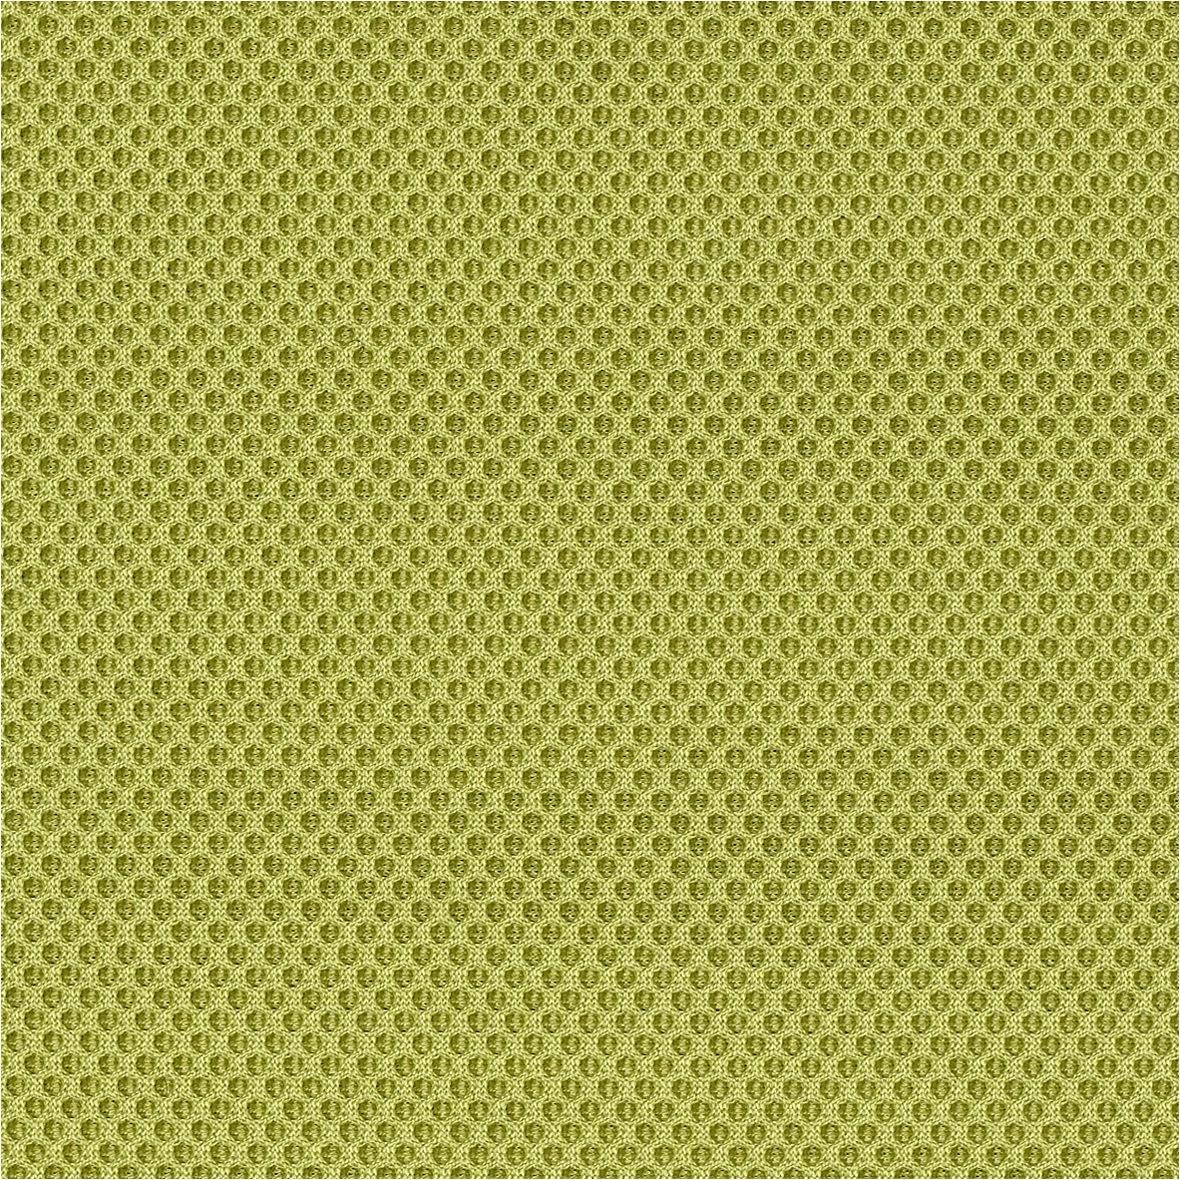 CL Pinto sadelstol m/ ryglæn, grøn, stof